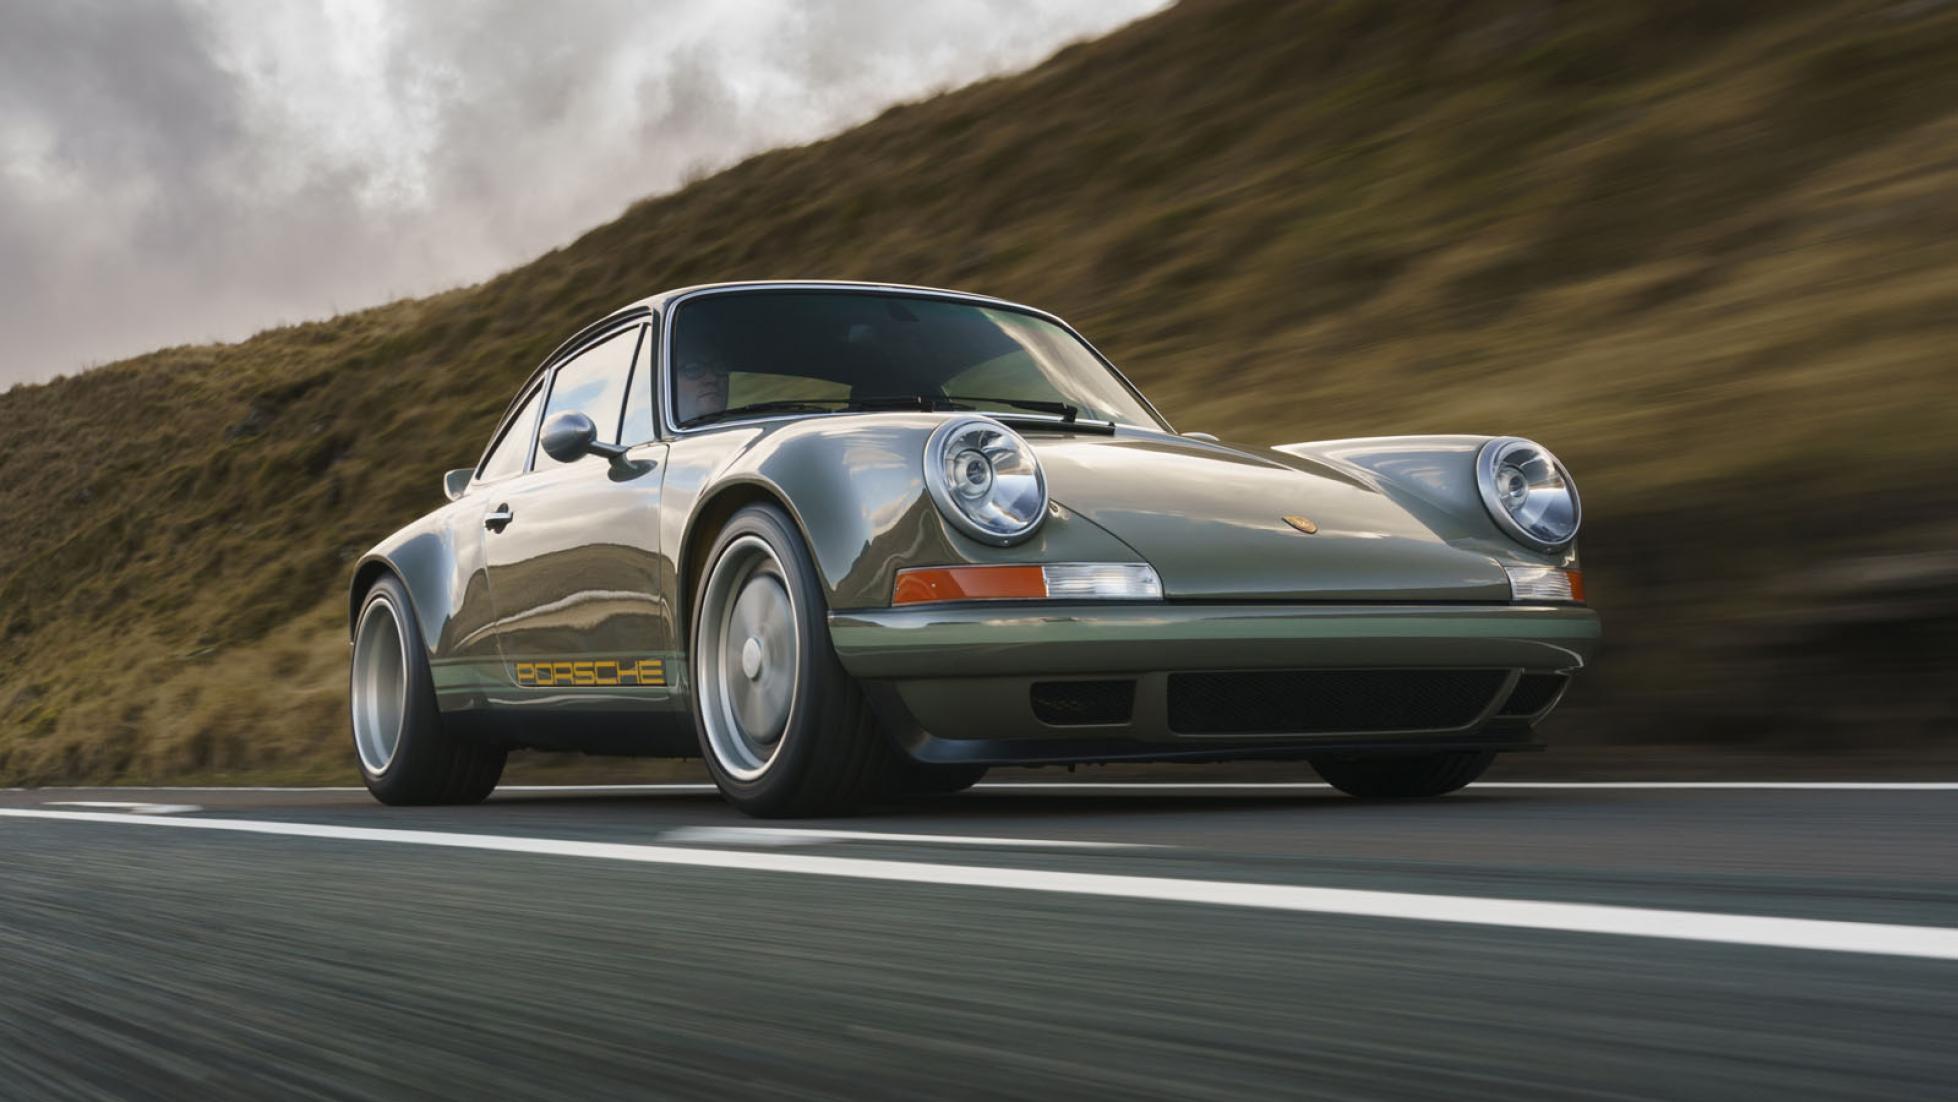 Реставратор и тюнер Theon Design (Великобритания) представил уникальный рестомод Porsche 911, выполненный для клиента из Гонконга. Уровень исполнения проекта заставляет думать, что у знаменитой мастерской Singer появился достойный конкурент.